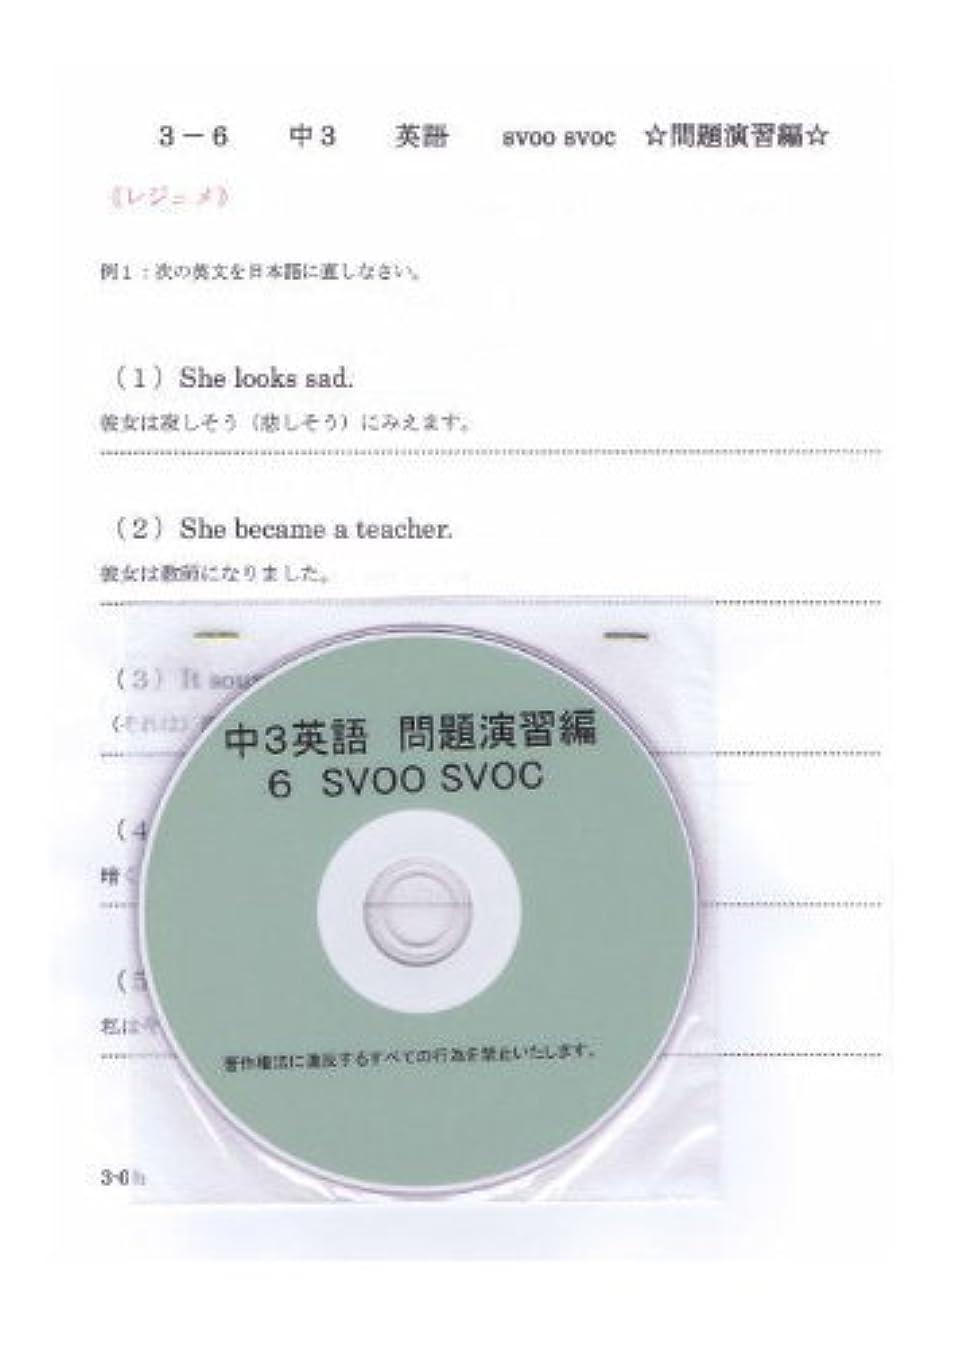 アレイマーティンルーサーキングジュニア並外れた中学 英語 3年 【応用】 6 SVOC DVD (授業+テキスト+問題集)